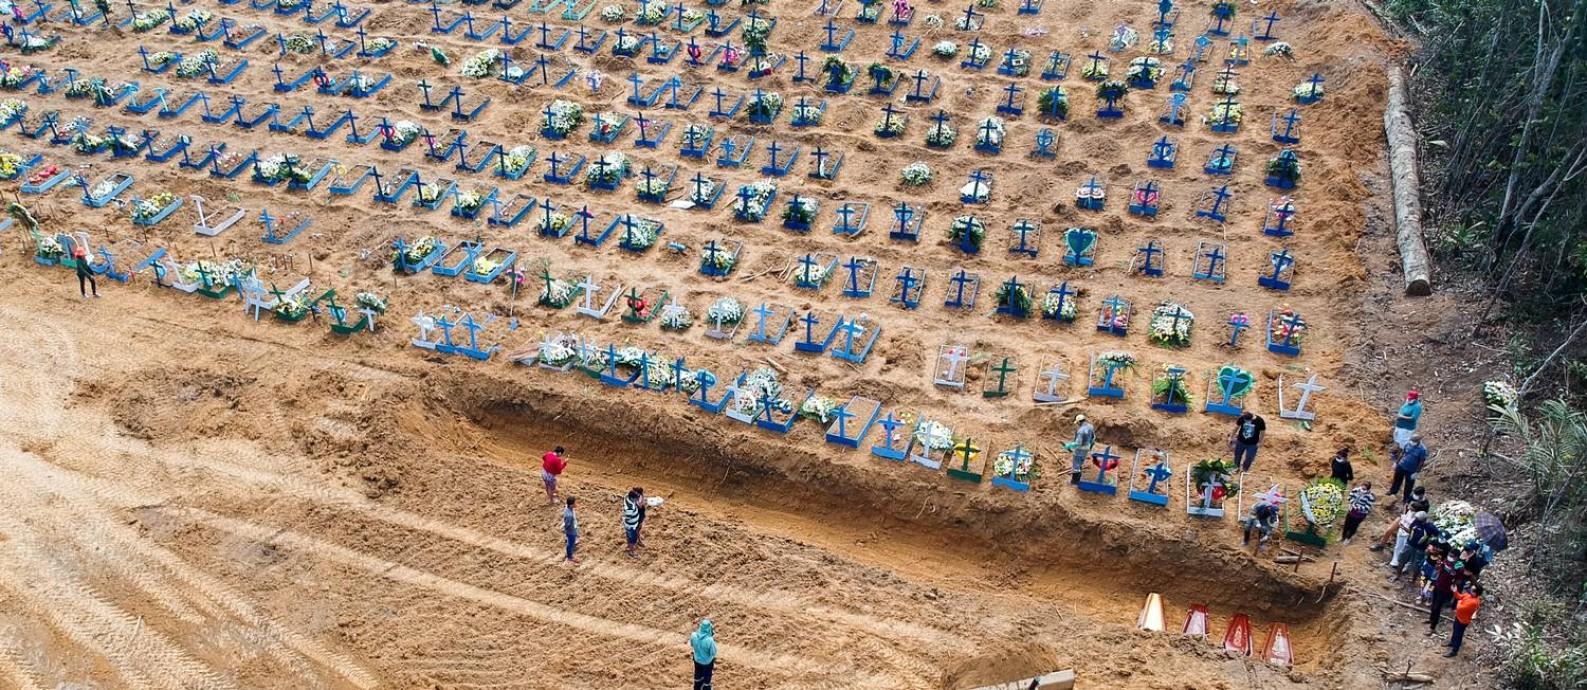 Covas abertas em cemitério de Manaus para enterrar vítimas da Covid-19. Foto: Sandro Pereira/Fotoarena/Agência O Globo / www.fotoarena.com.br